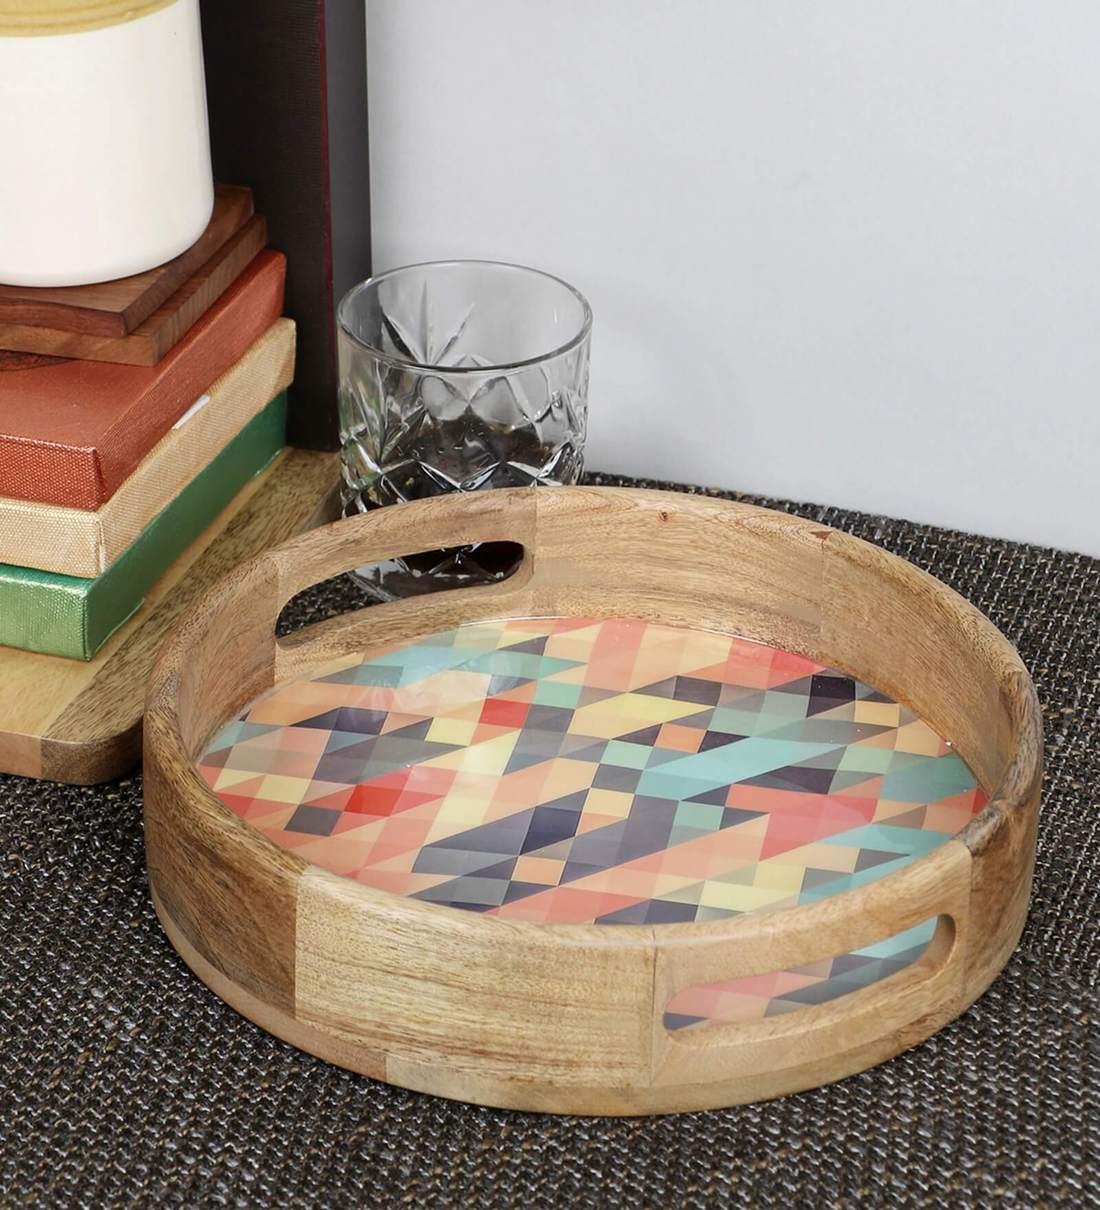 Buy Mango Wood Round Serving Tray By Vareesha Online Serving Trays Serving Trays Discontinued Pepperfry Product